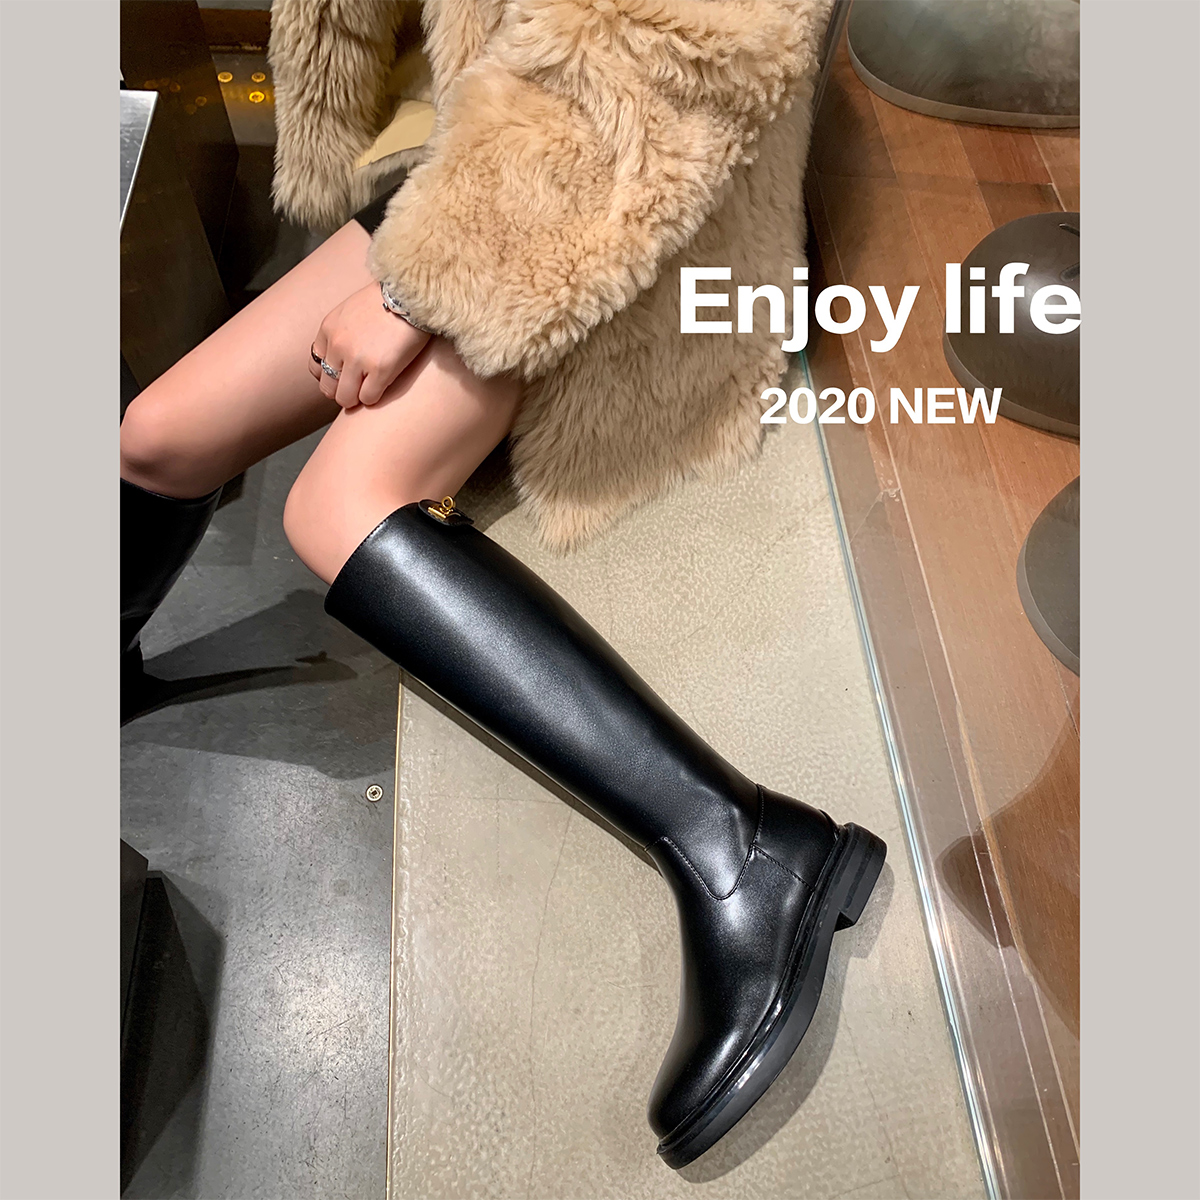 后拉链高筒靴女不过膝厚底粗跟显腿直长筒骑士靴 studiolee 葡萄妈